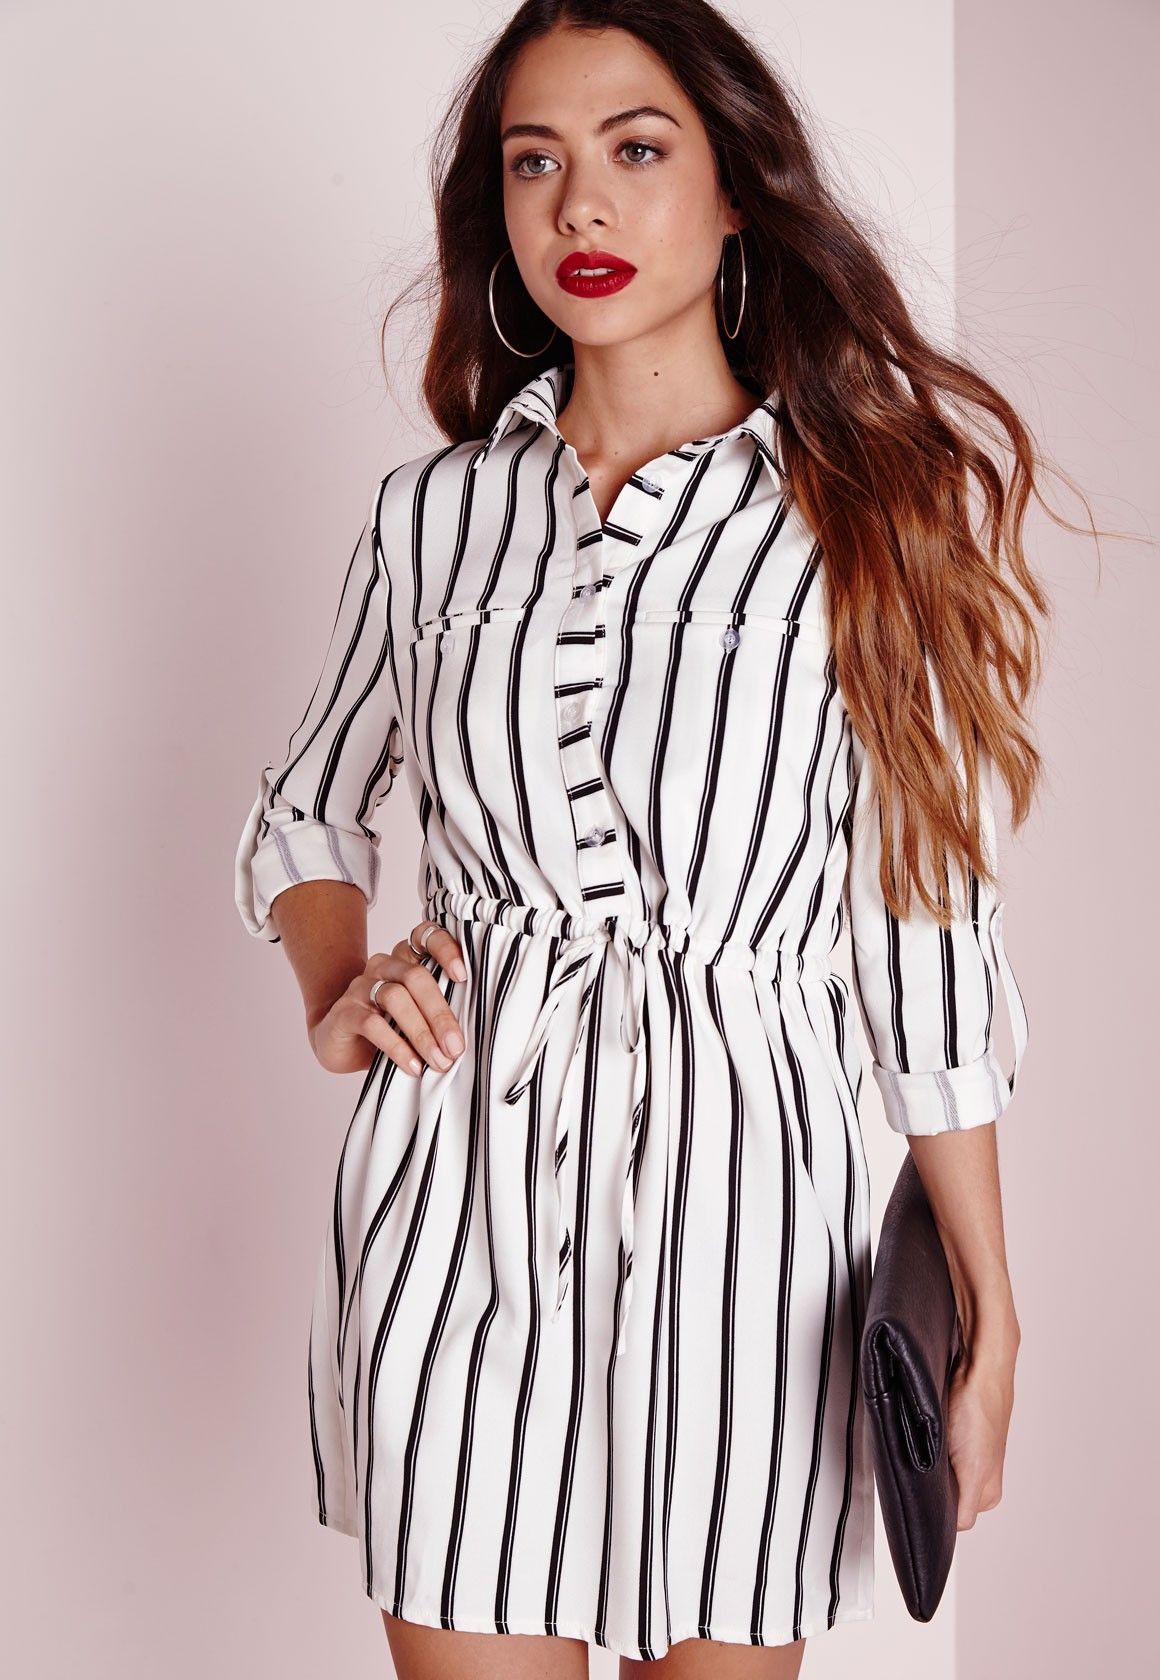 415d7fbfb0 Missguided - Robe-chemise noire et blanche à rayures avec cordon ...